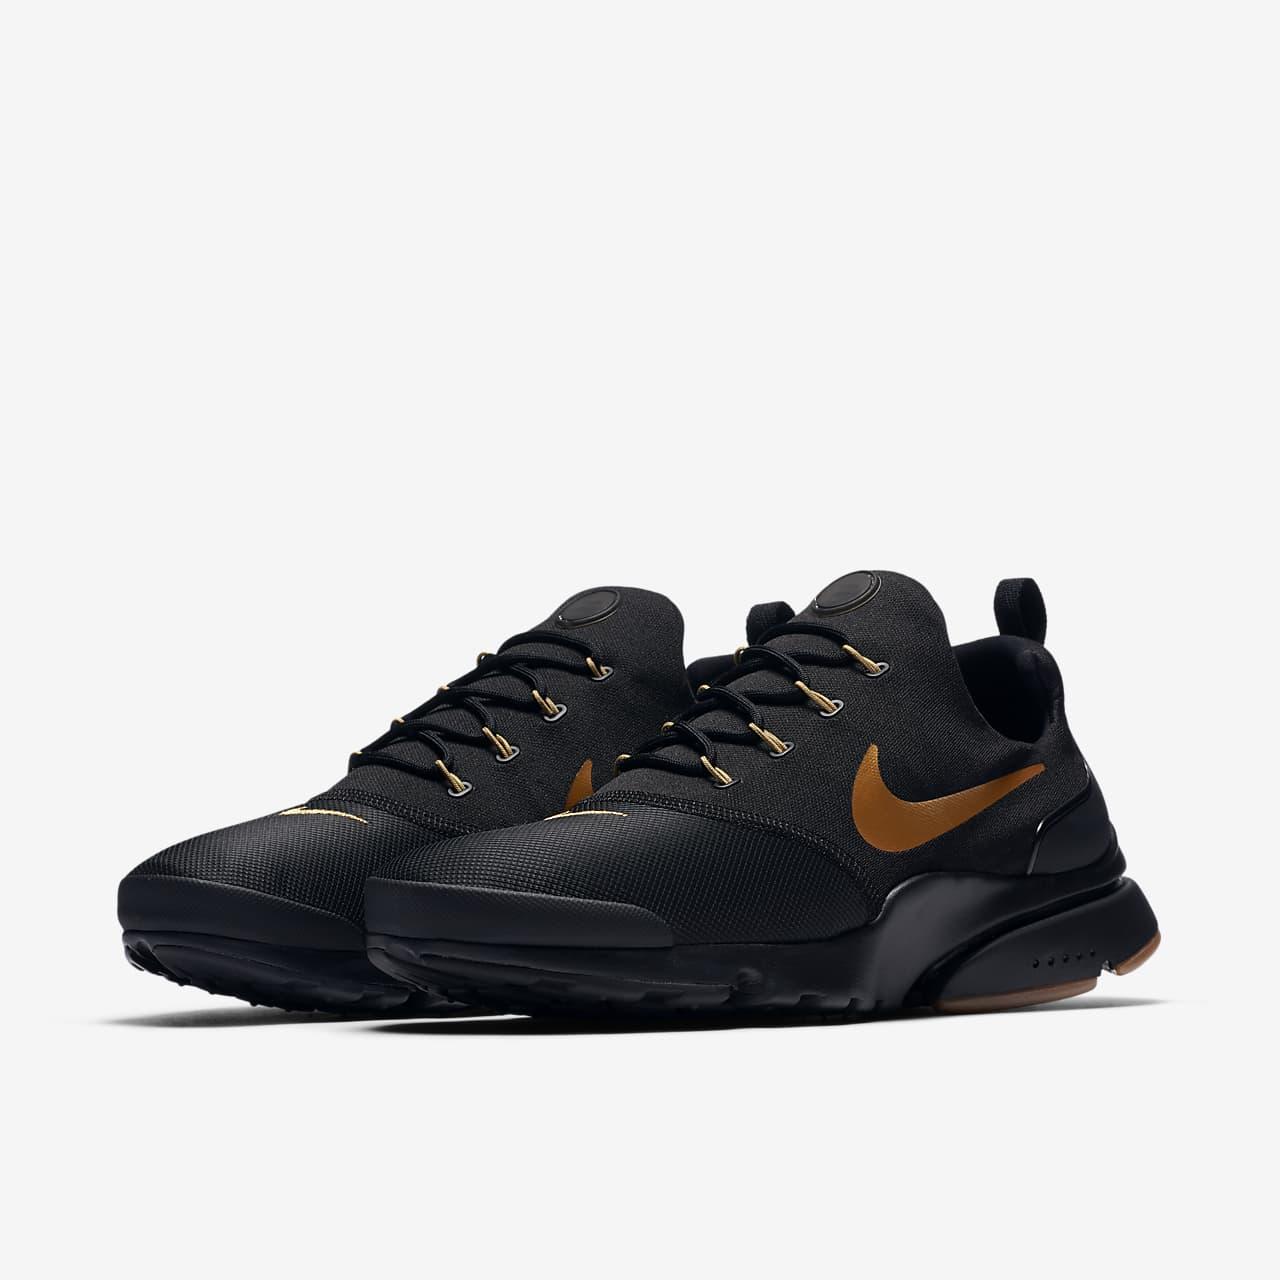 Nike Presto Fly Men's Shoe